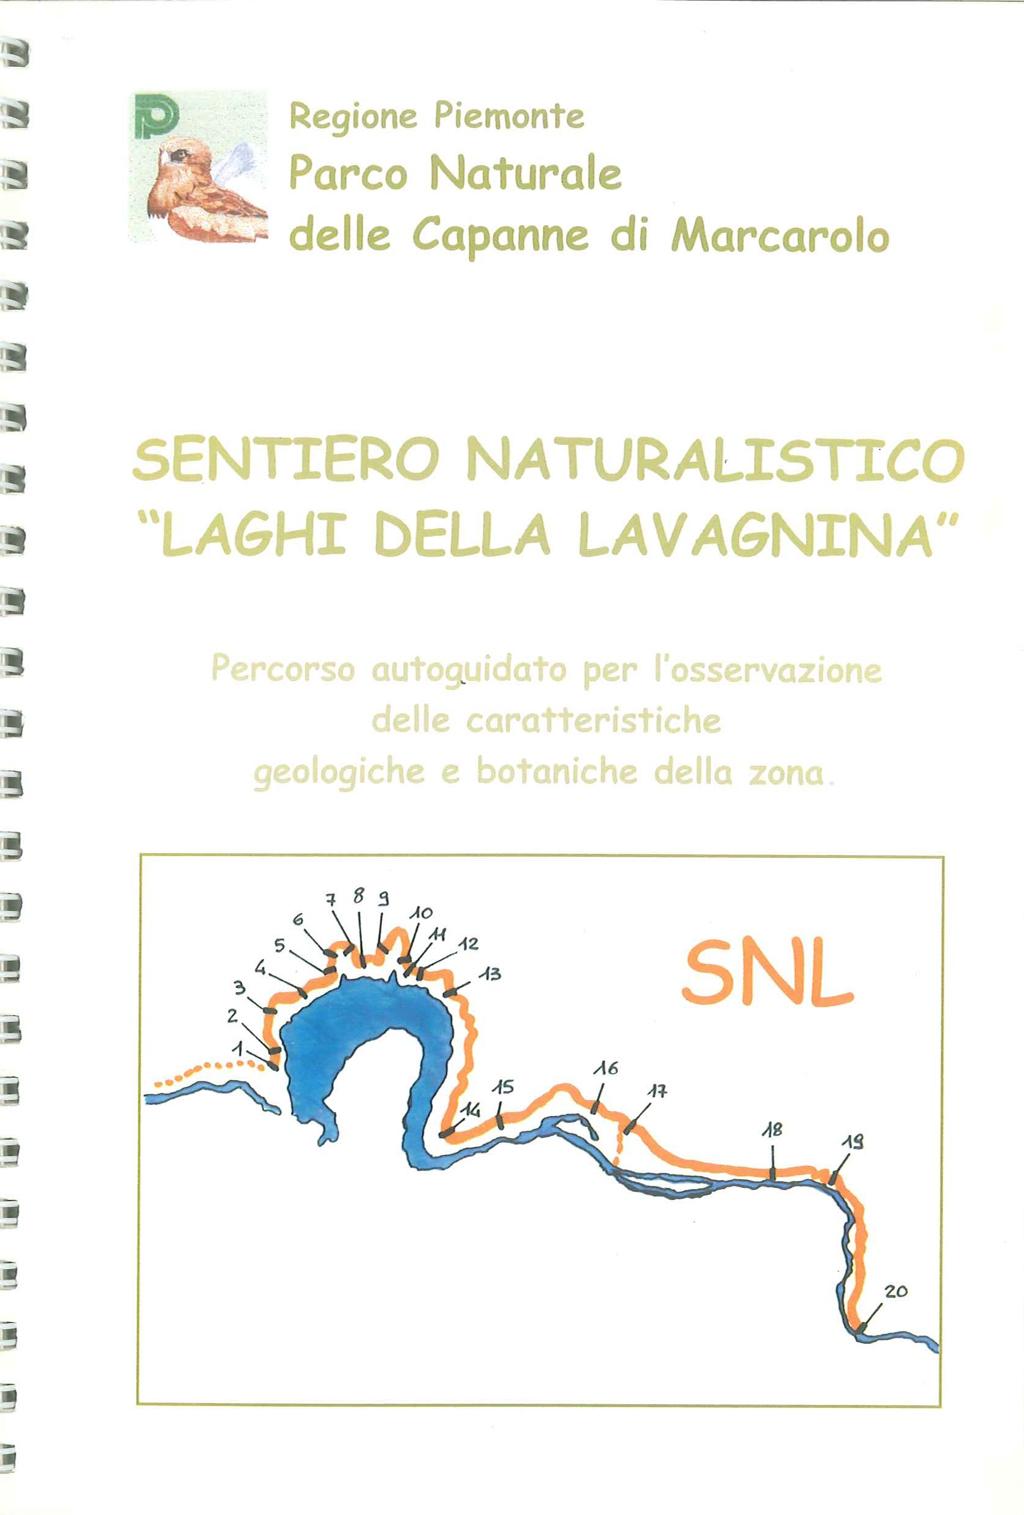 Guida al Sentiero Naturalistico Laghi Lavagnina